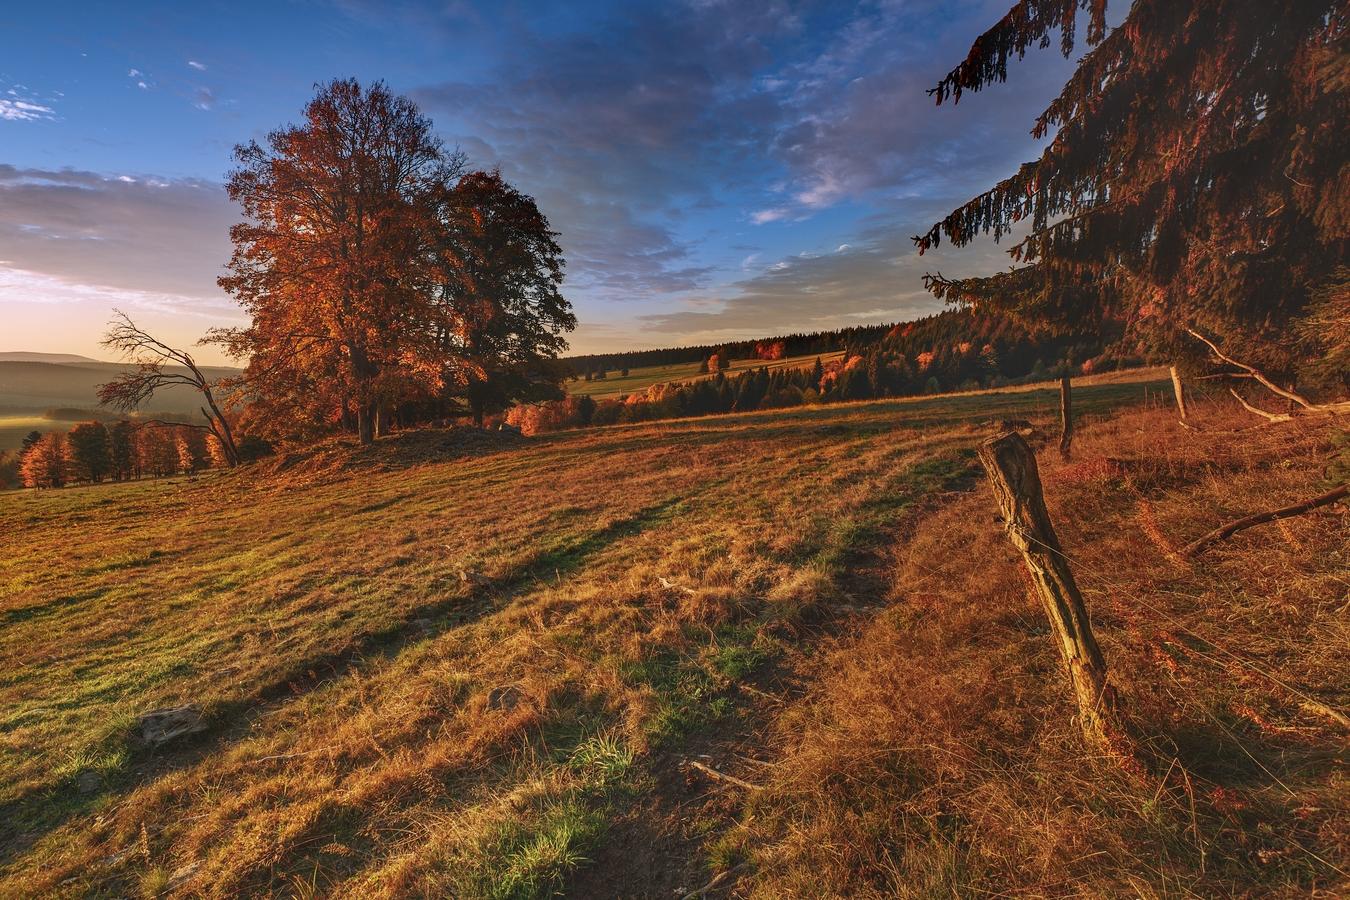 šumavská pastvina v barvách podzimu